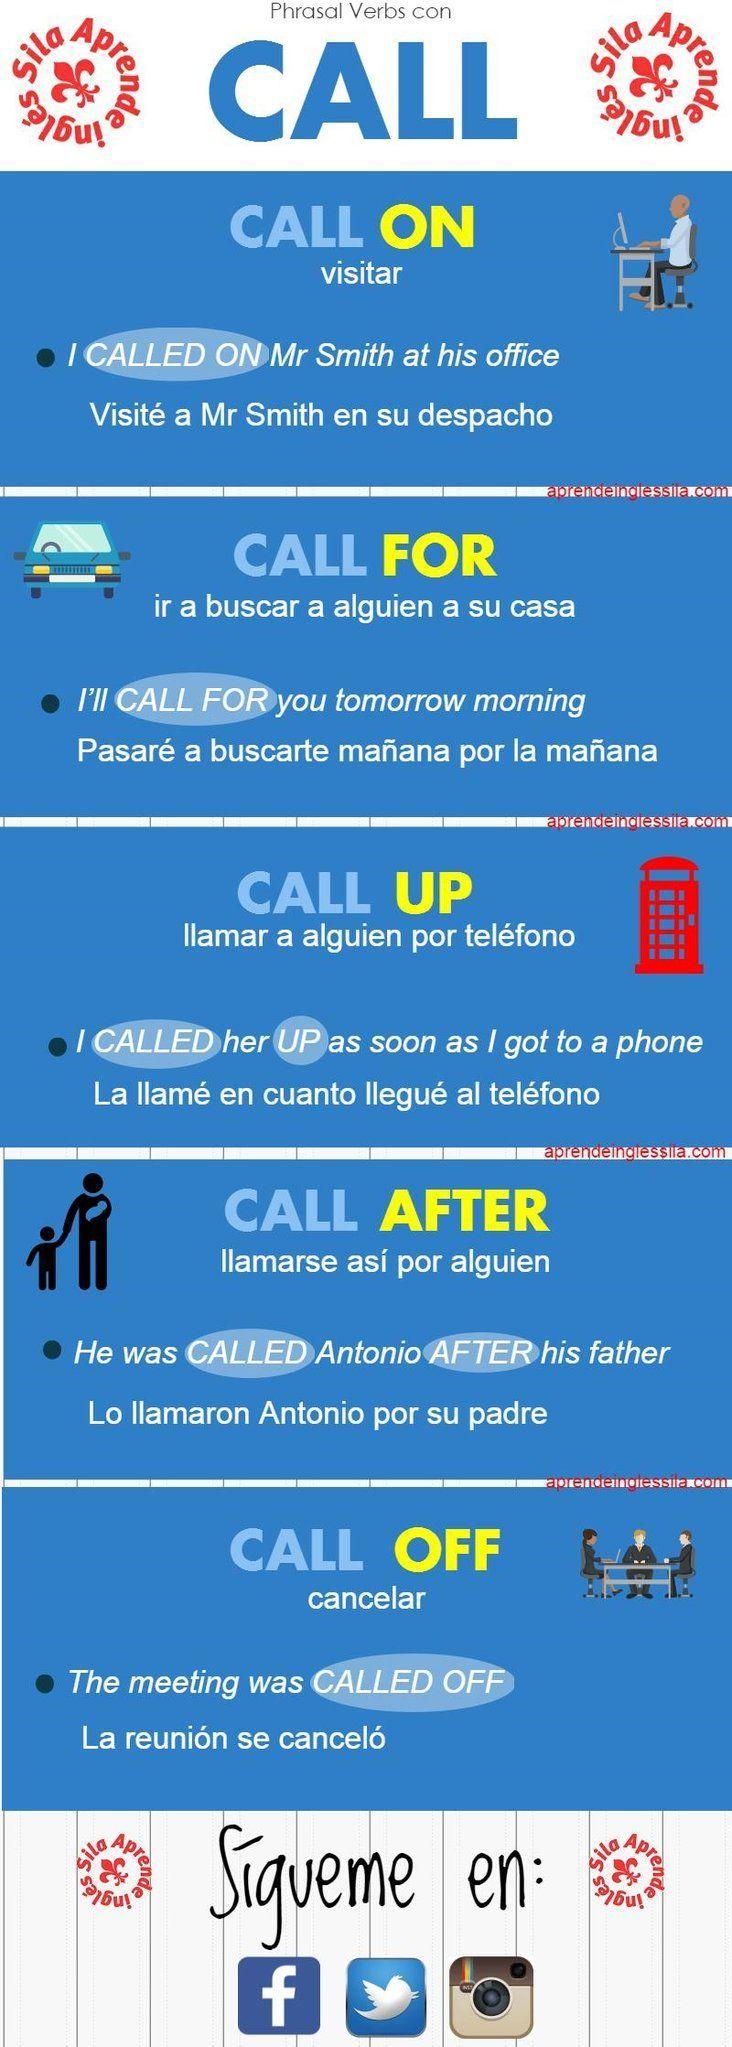 Phrasal Verbs con CALL